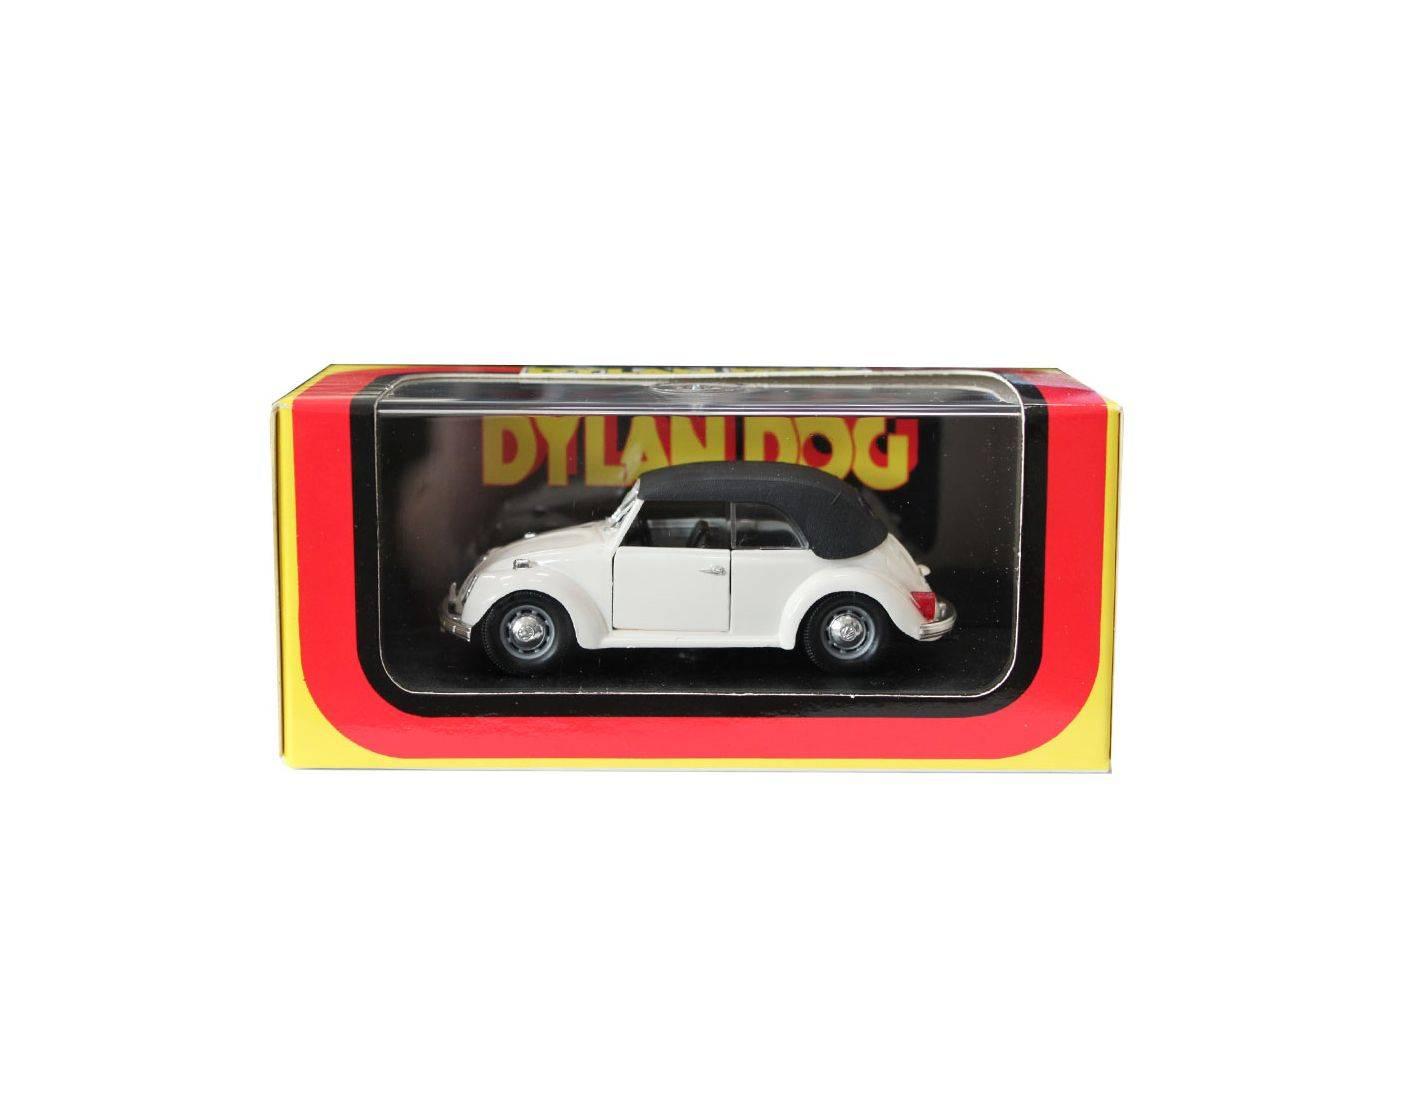 MAGGIOLONE VW DYLAN DOG 1/43 ED. MINIMINIERA DEL 1993 Rio DYD666